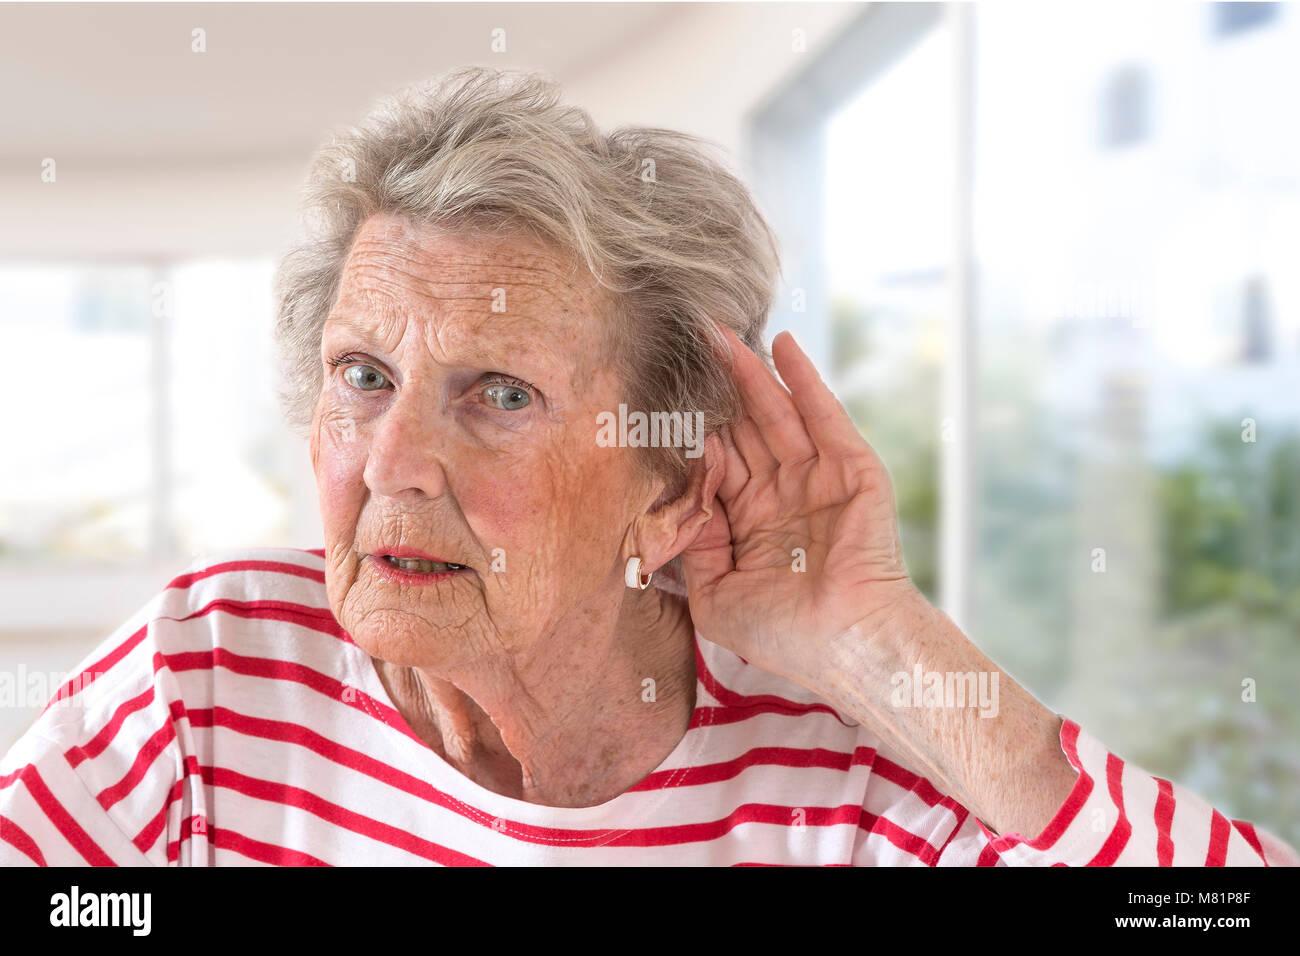 Ältere Dame mit dem Hören Probleme aufgrund der Alterung Hand an ihr Ohr wie Sie kämpft, zu hören, Stockbild